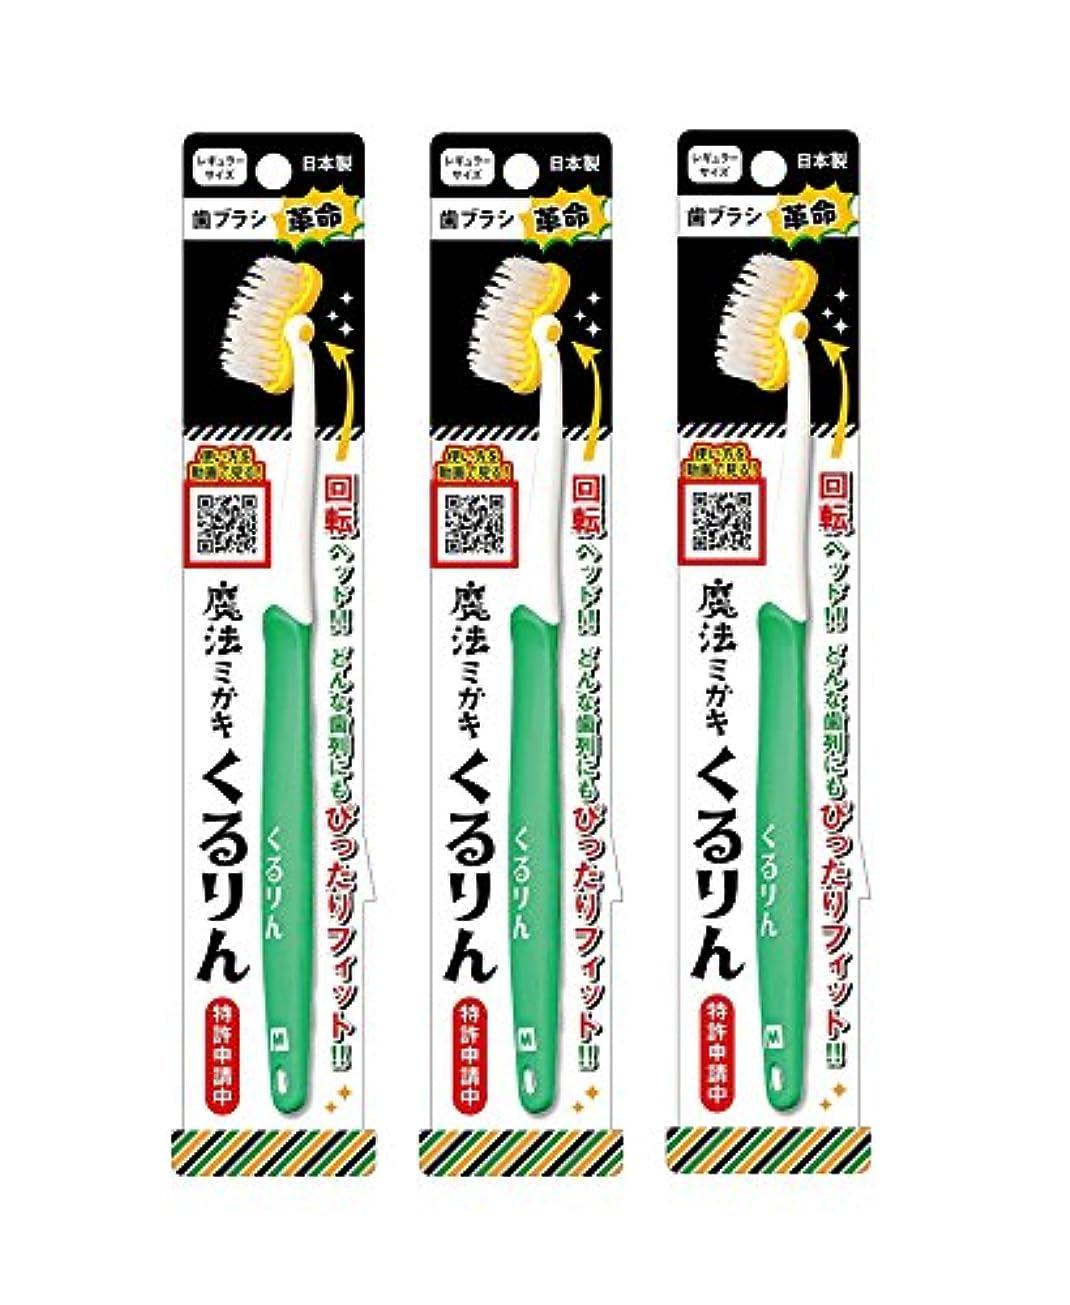 元の危険を冒しますハードウェア歯ブラシ革命 魔法ミガキくるりん MM-151 グリーン 3本セット